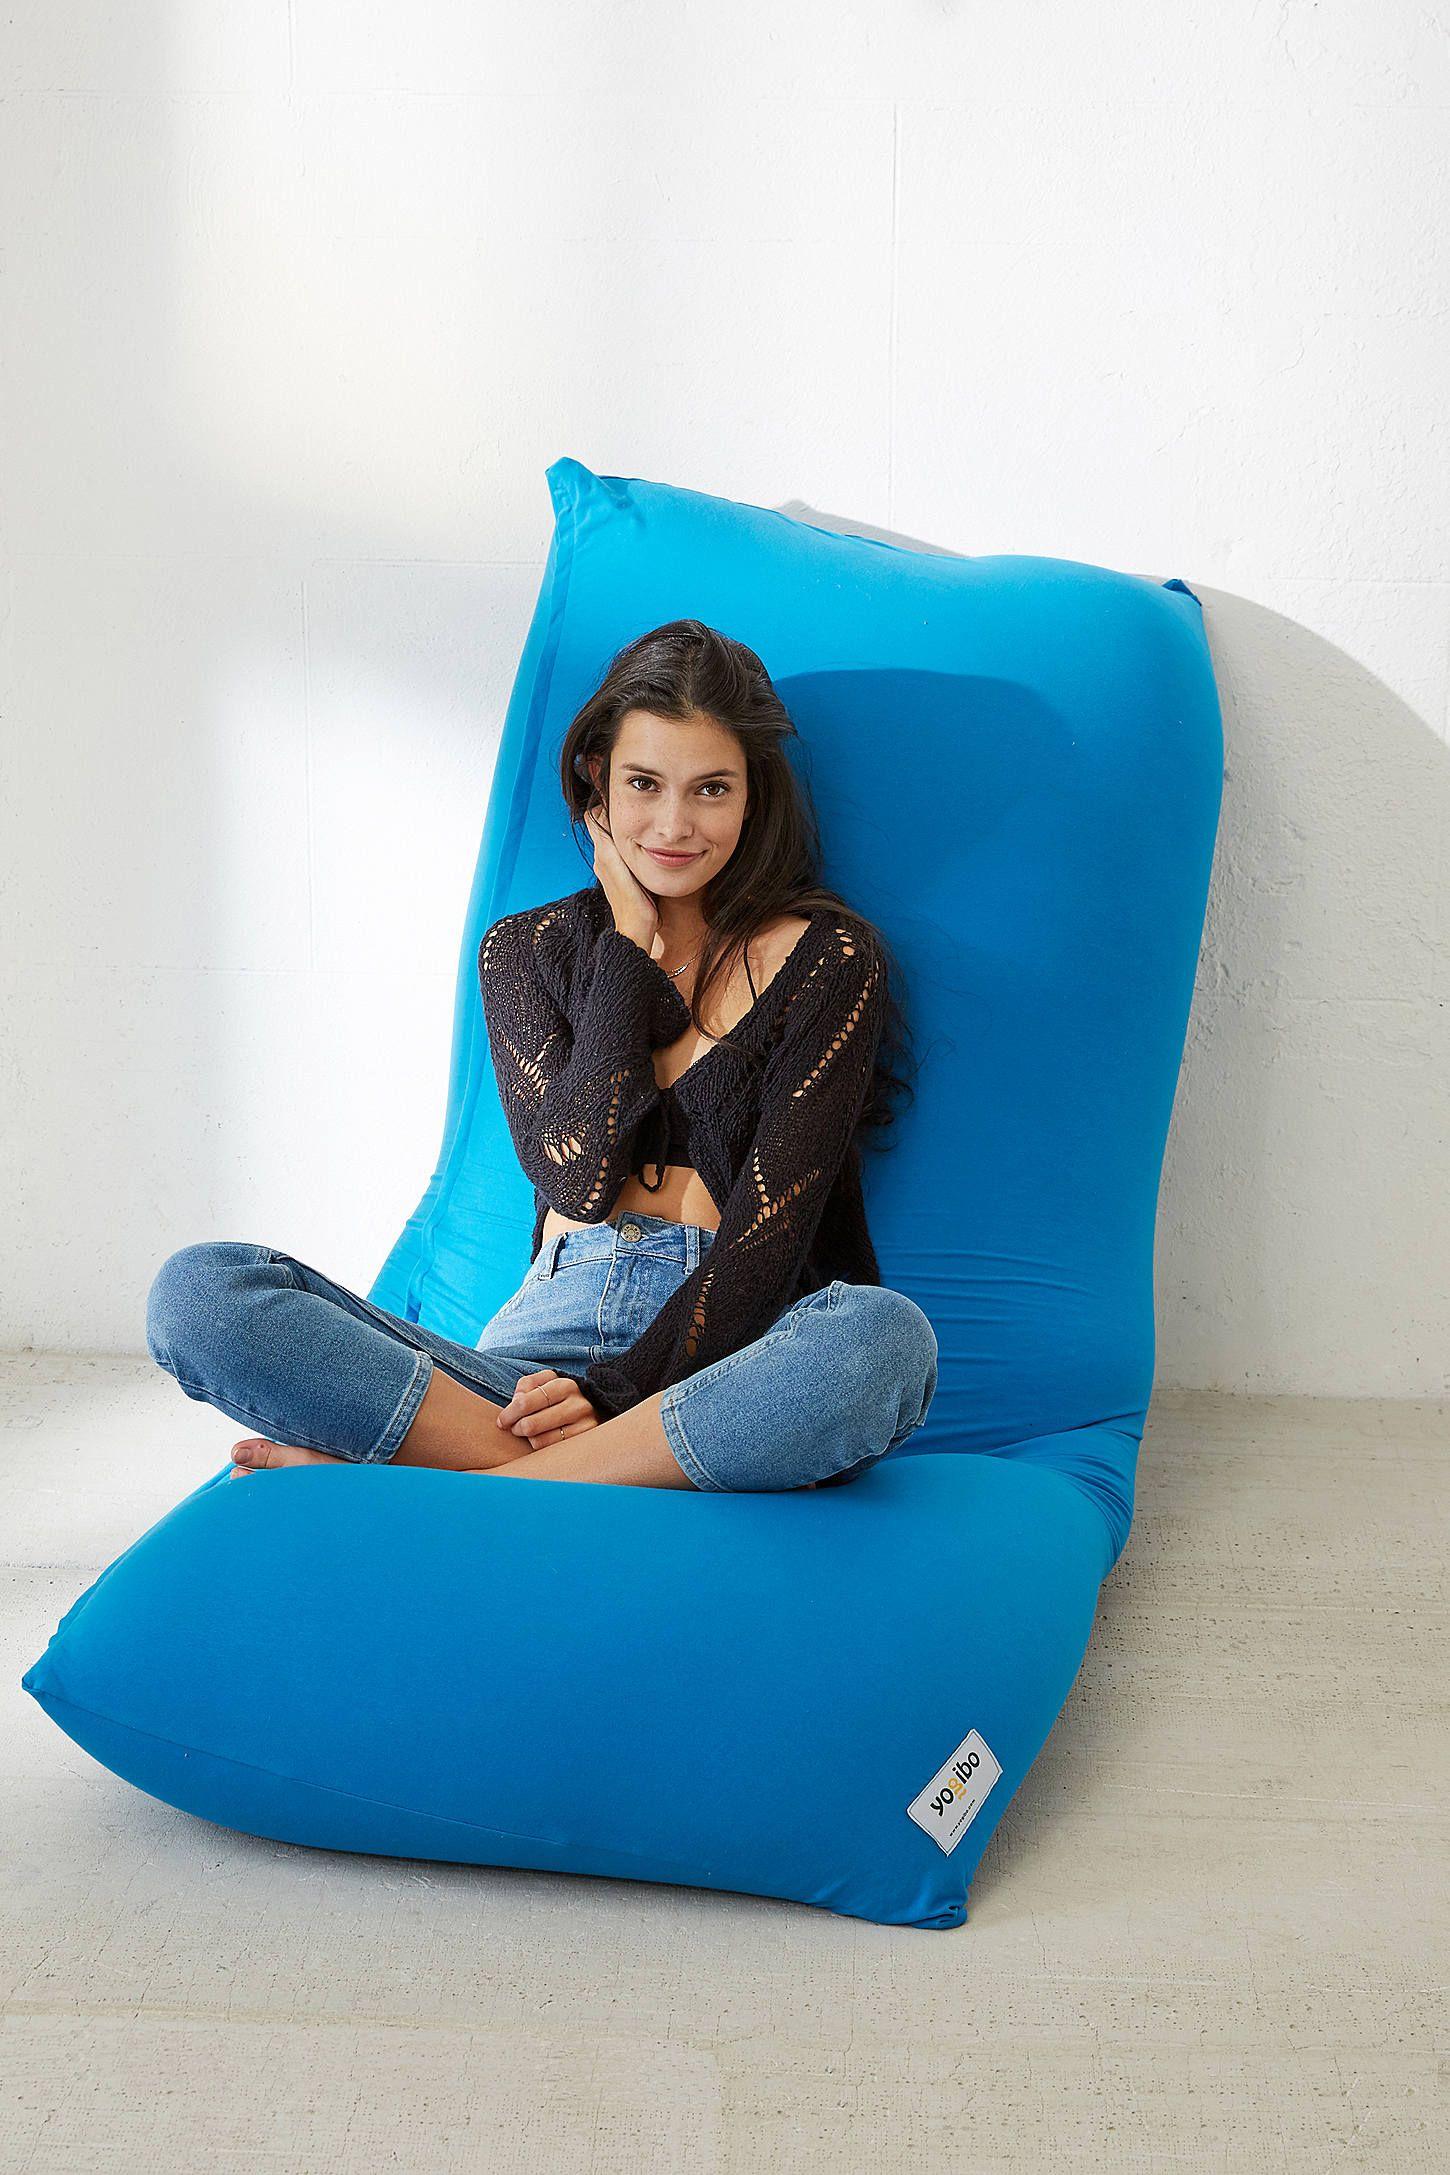 Yogibo Max Oversized Lounge Cushion Meditation space